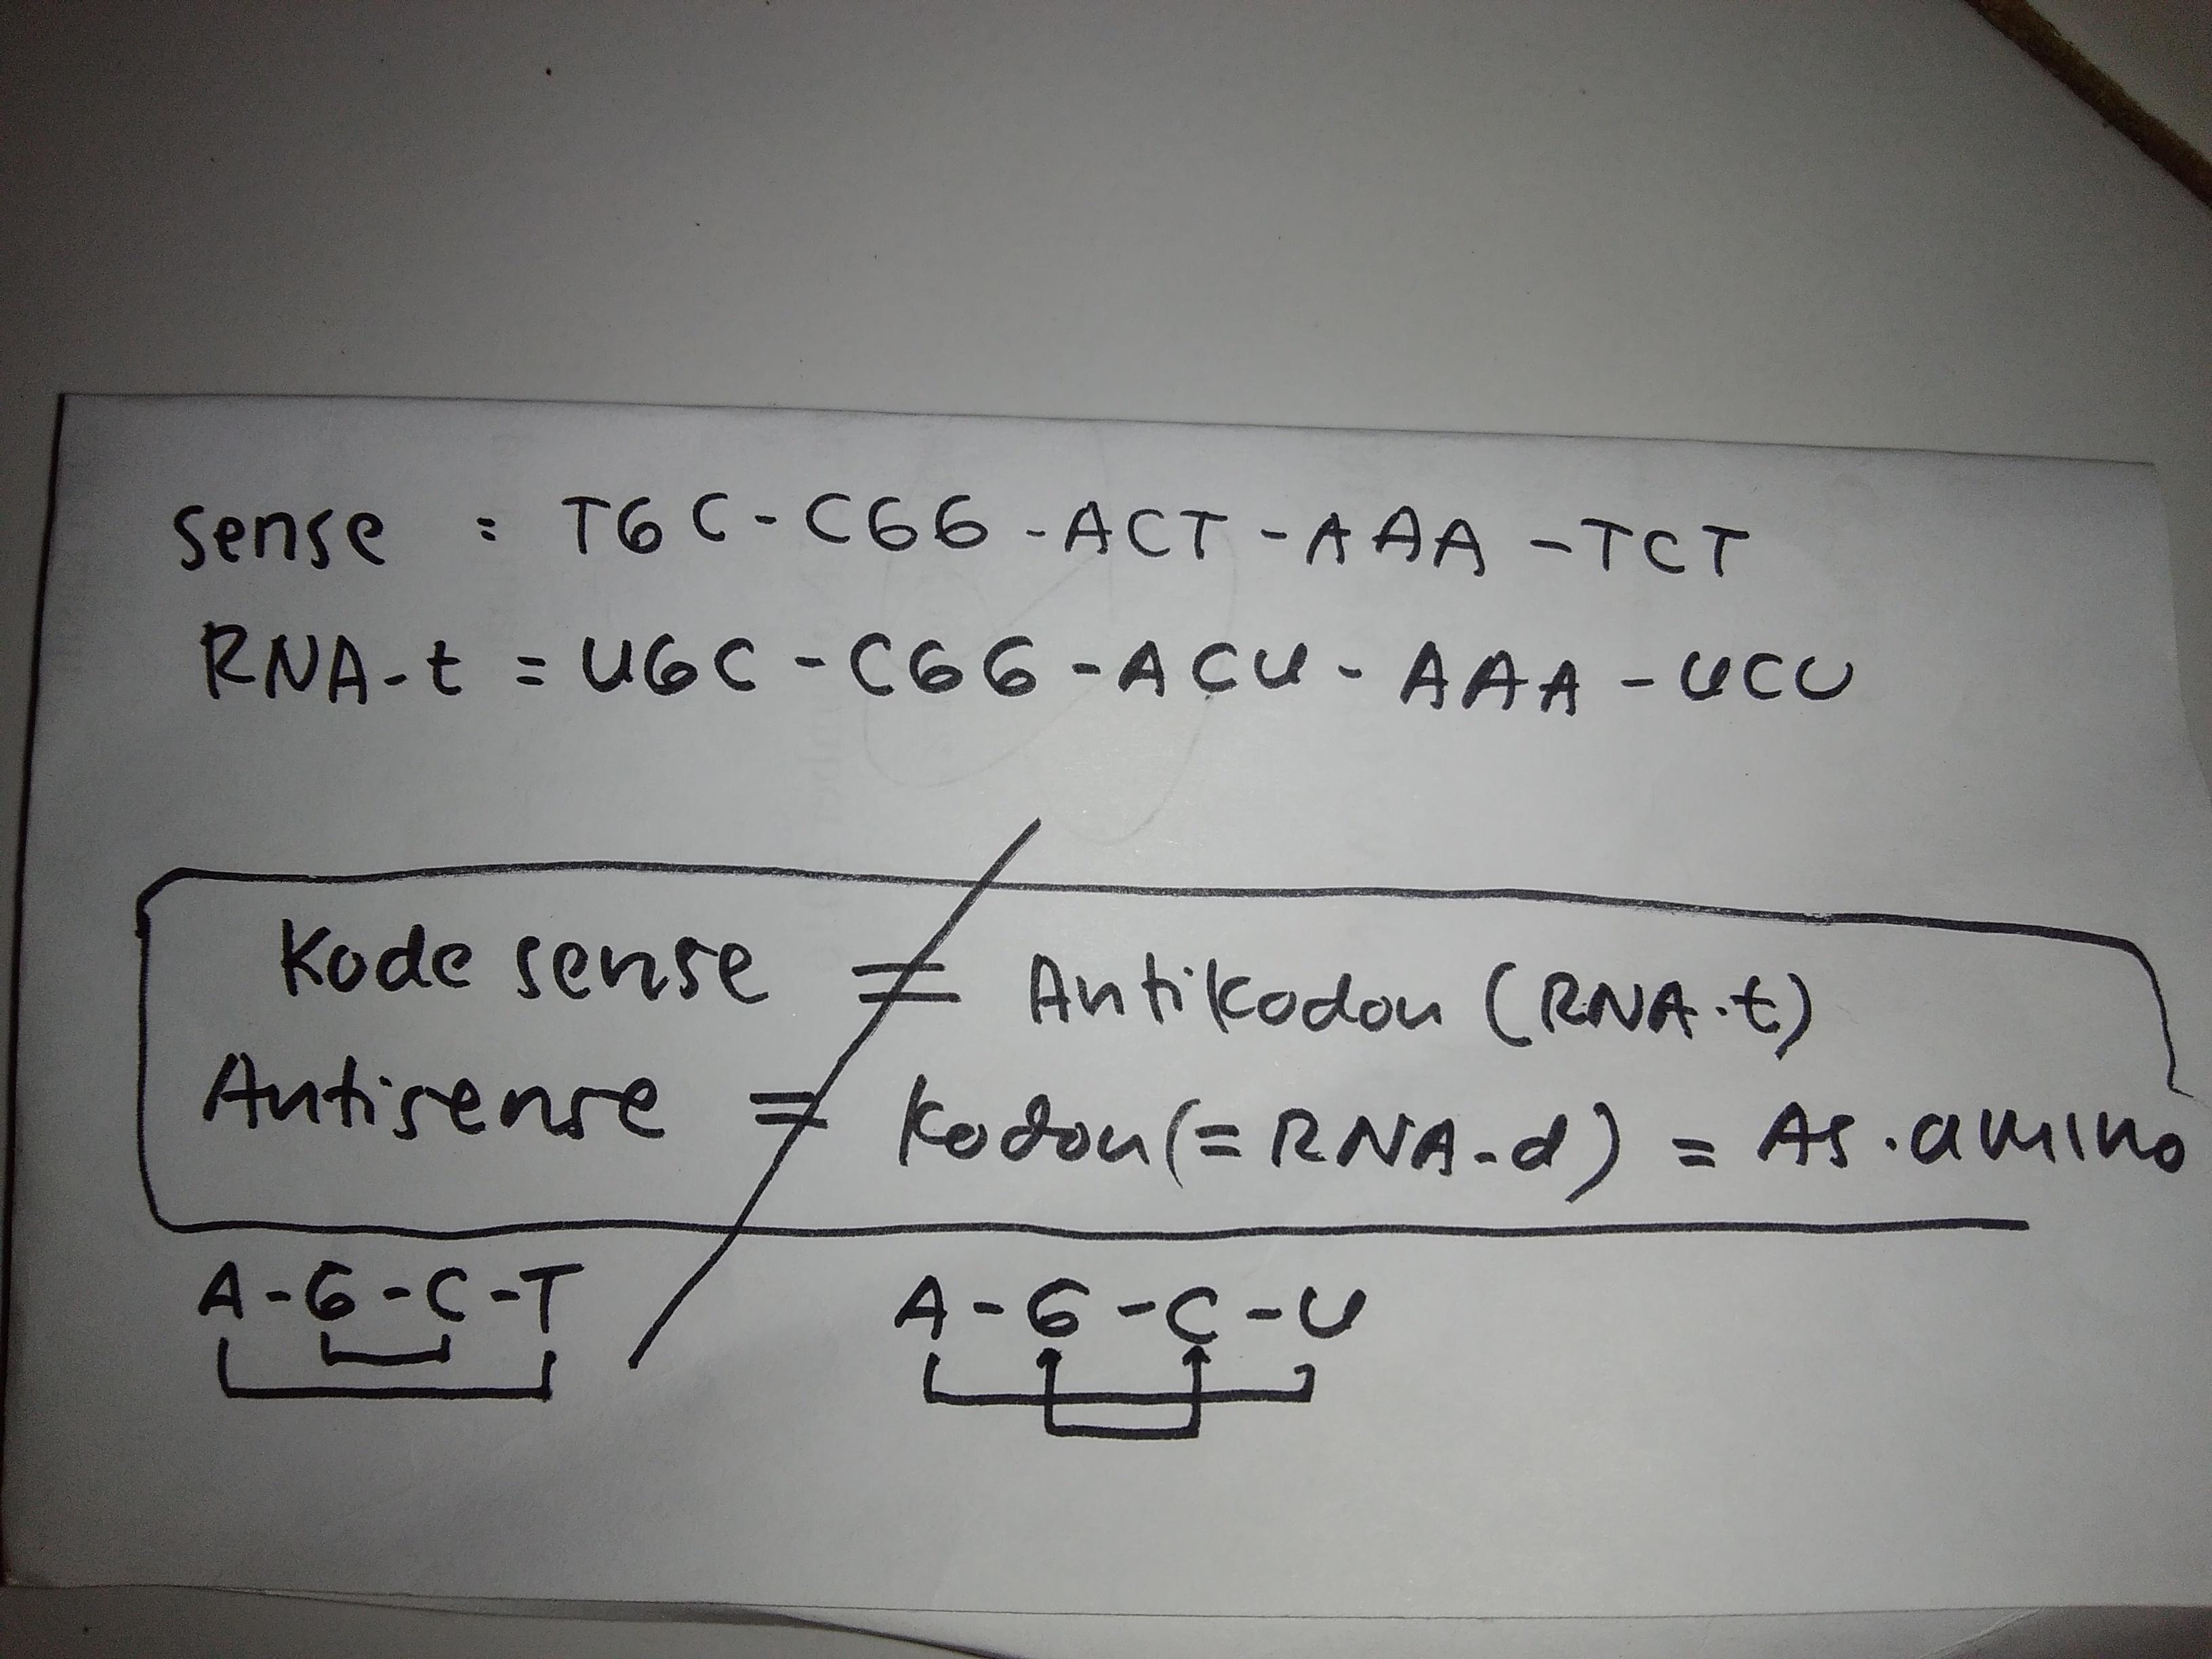 Rantai Dna Sense Mempunyai Kode Basa Nitrogen Sebagai Berikut Tgc